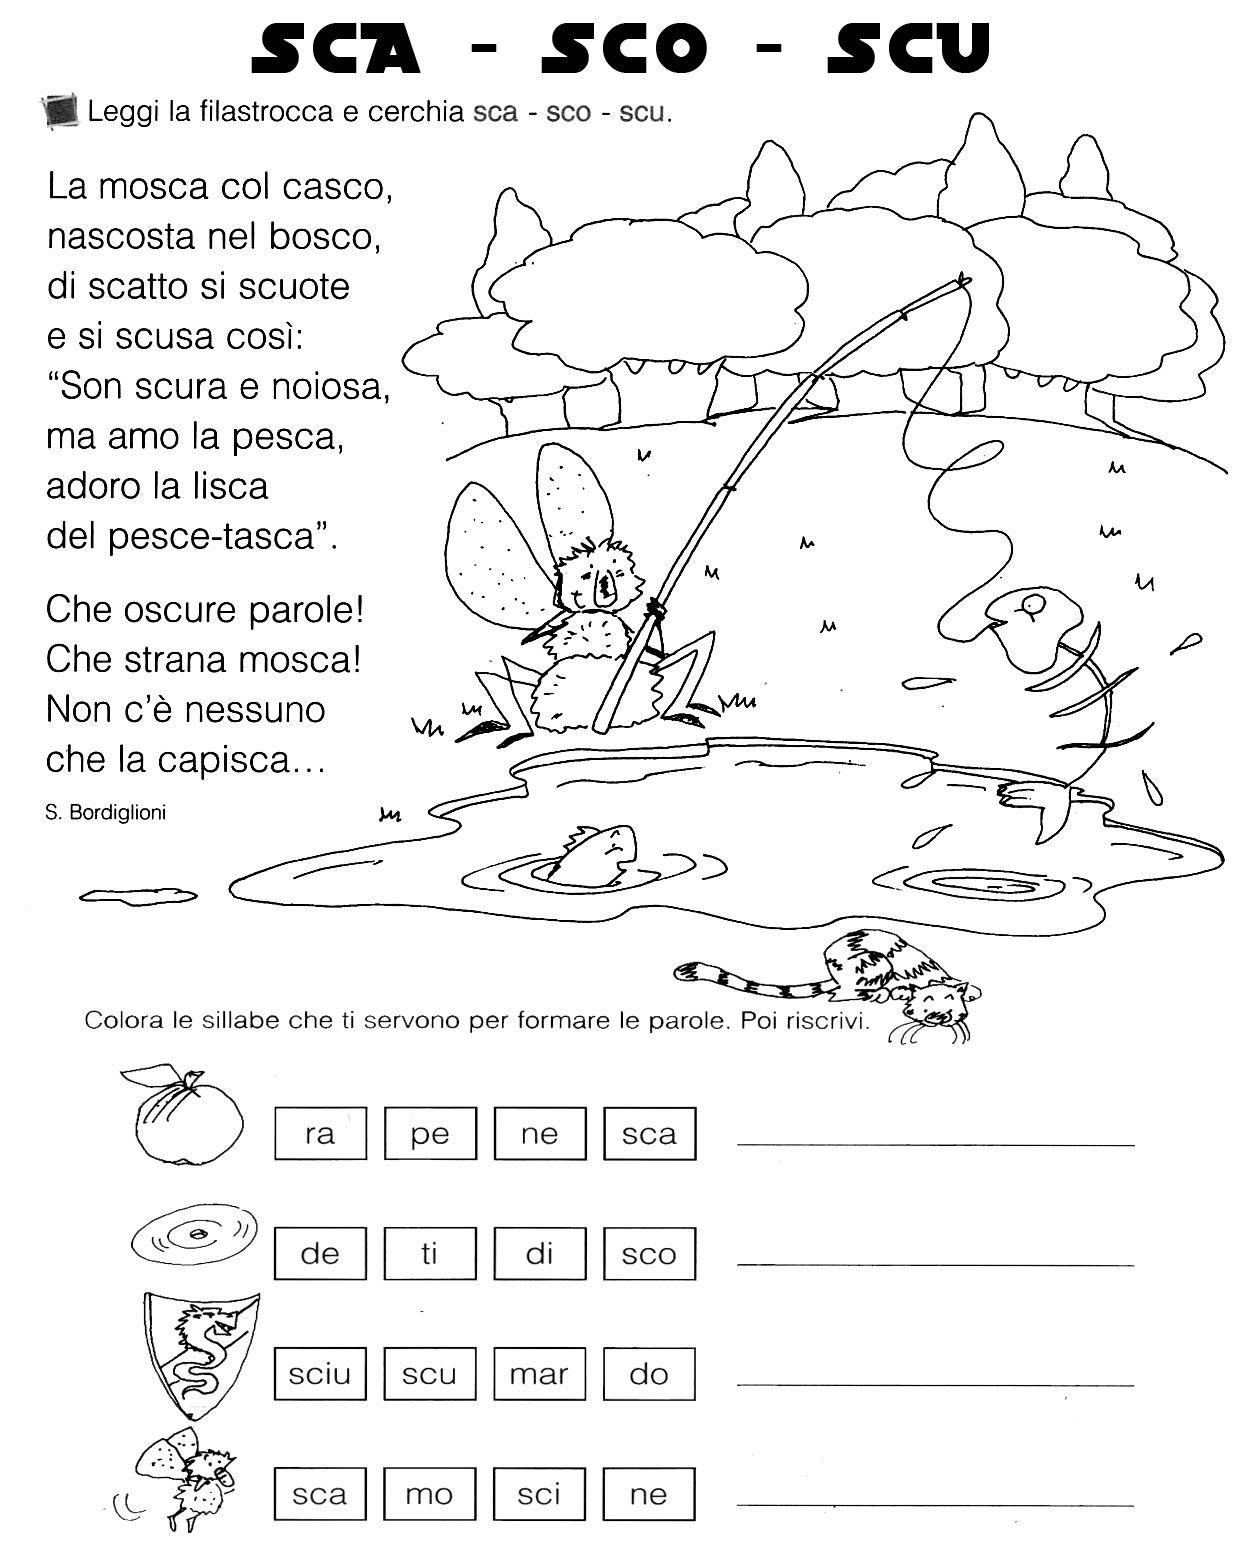 Sca Sco Scu Ortografia Learning Italian Italian Lessons E